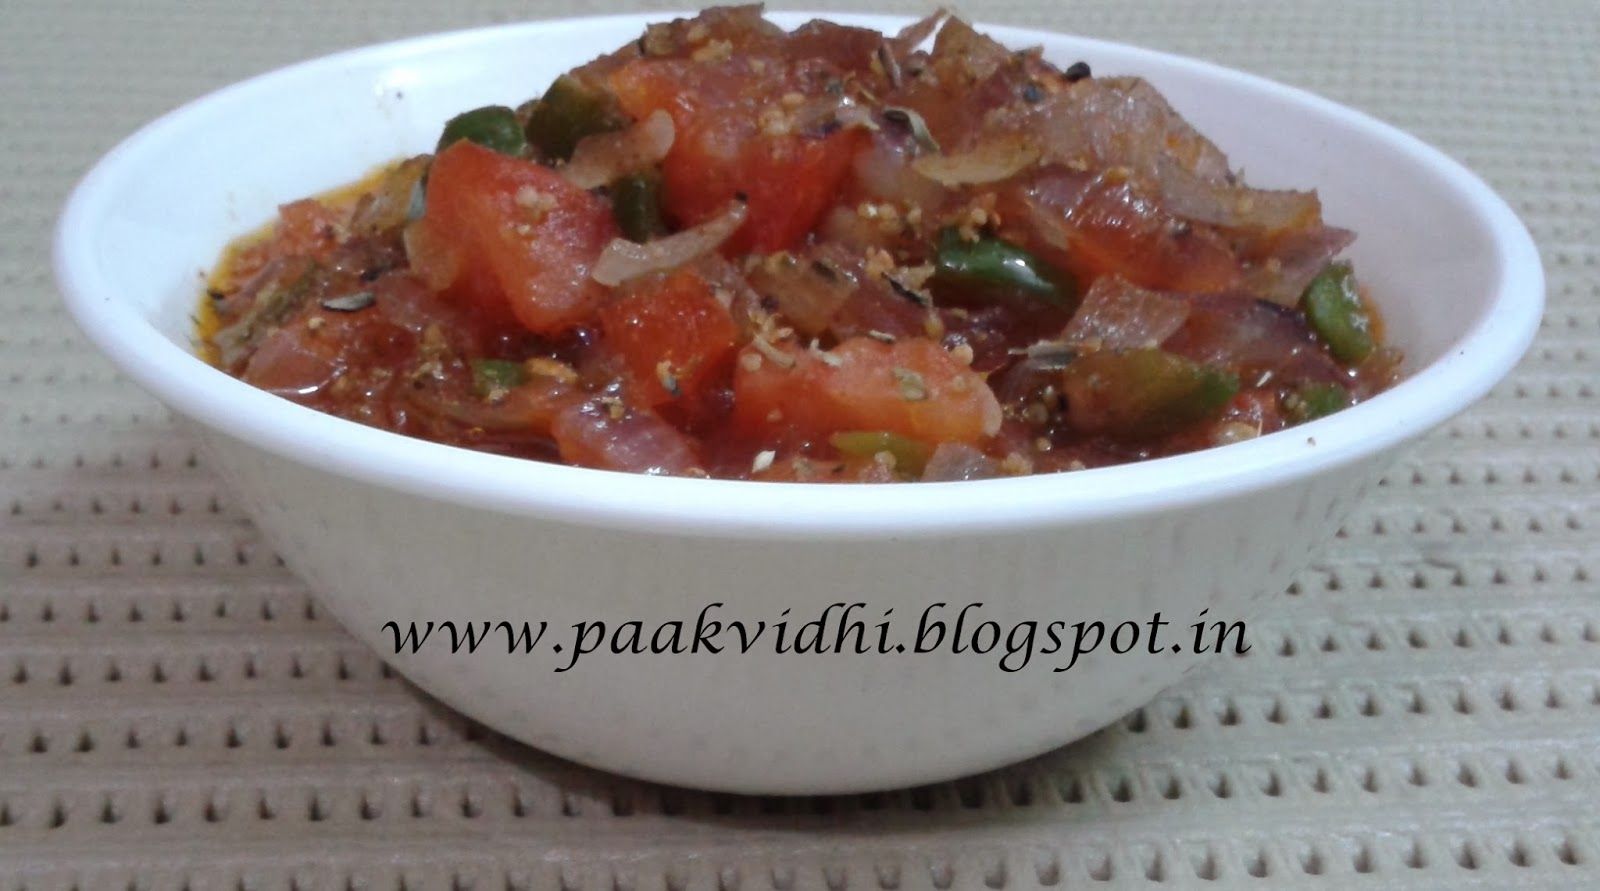 http://paakvidhi.blogspot.in/2014/01/salsa-sauce.html